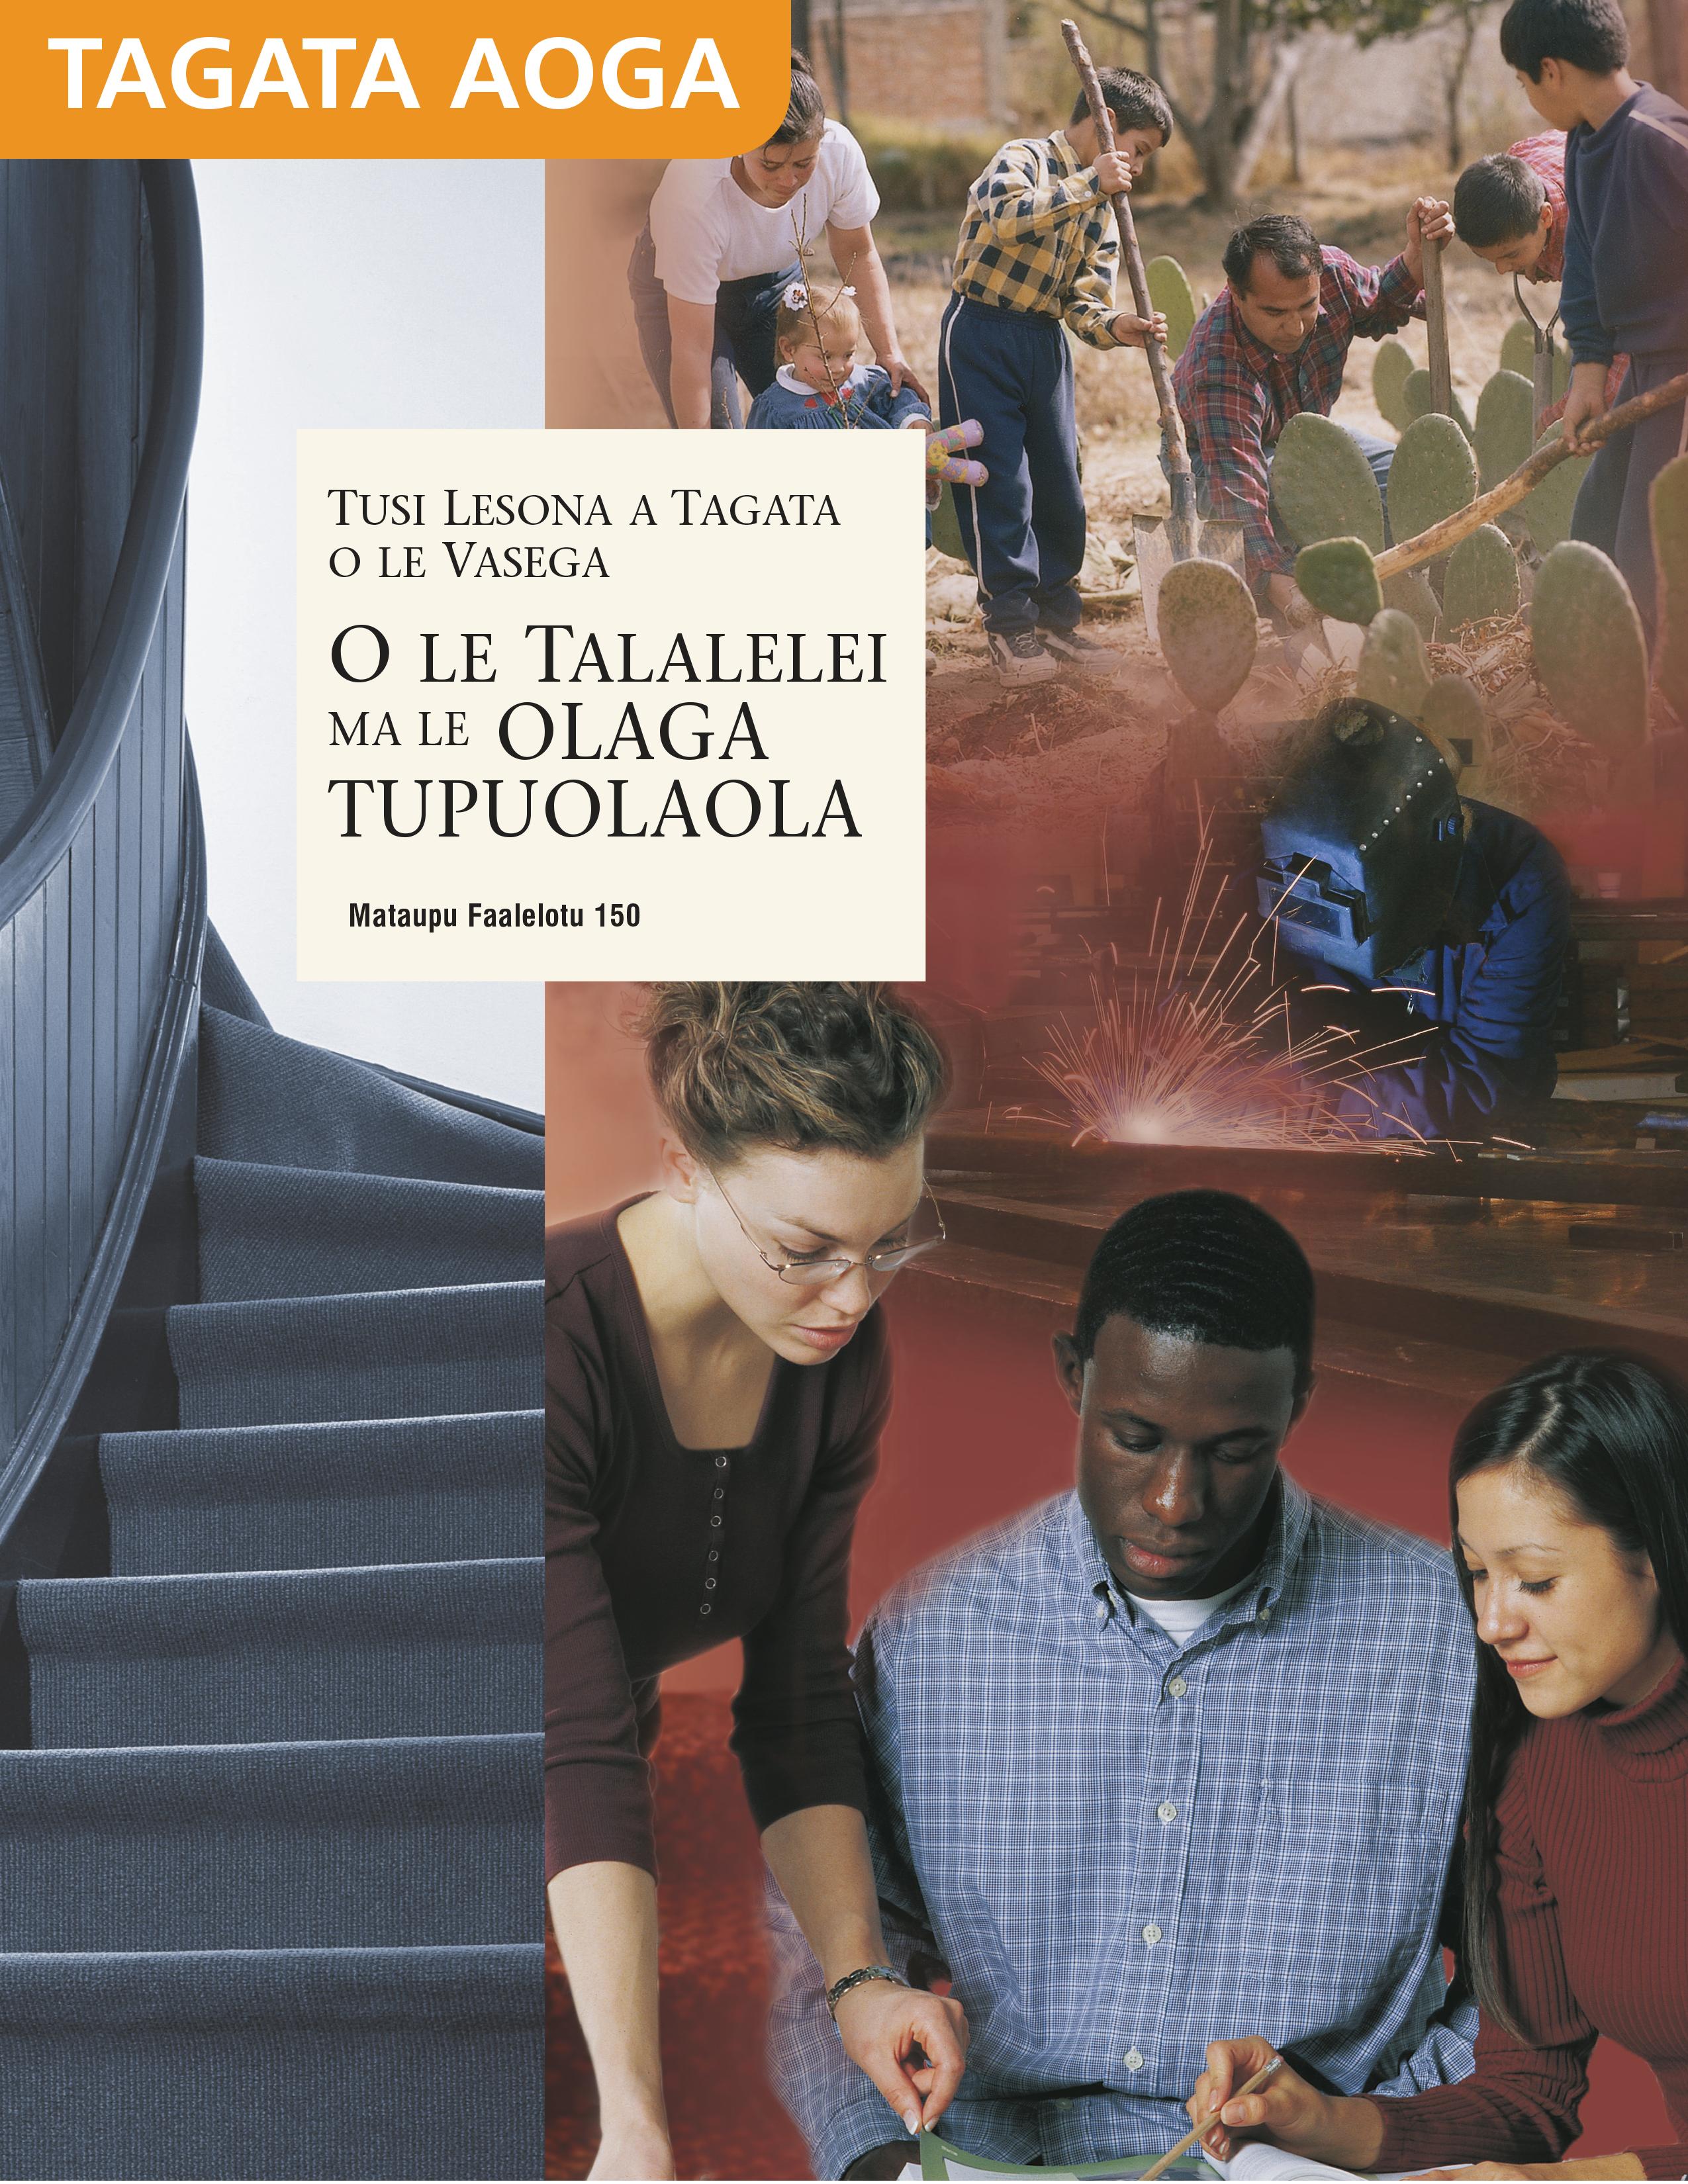 Tusi Lesona a le Tagata Aoga O Le Talalelei ma le Olaga Tupuolaola (Mataupu Faalelotu 150)